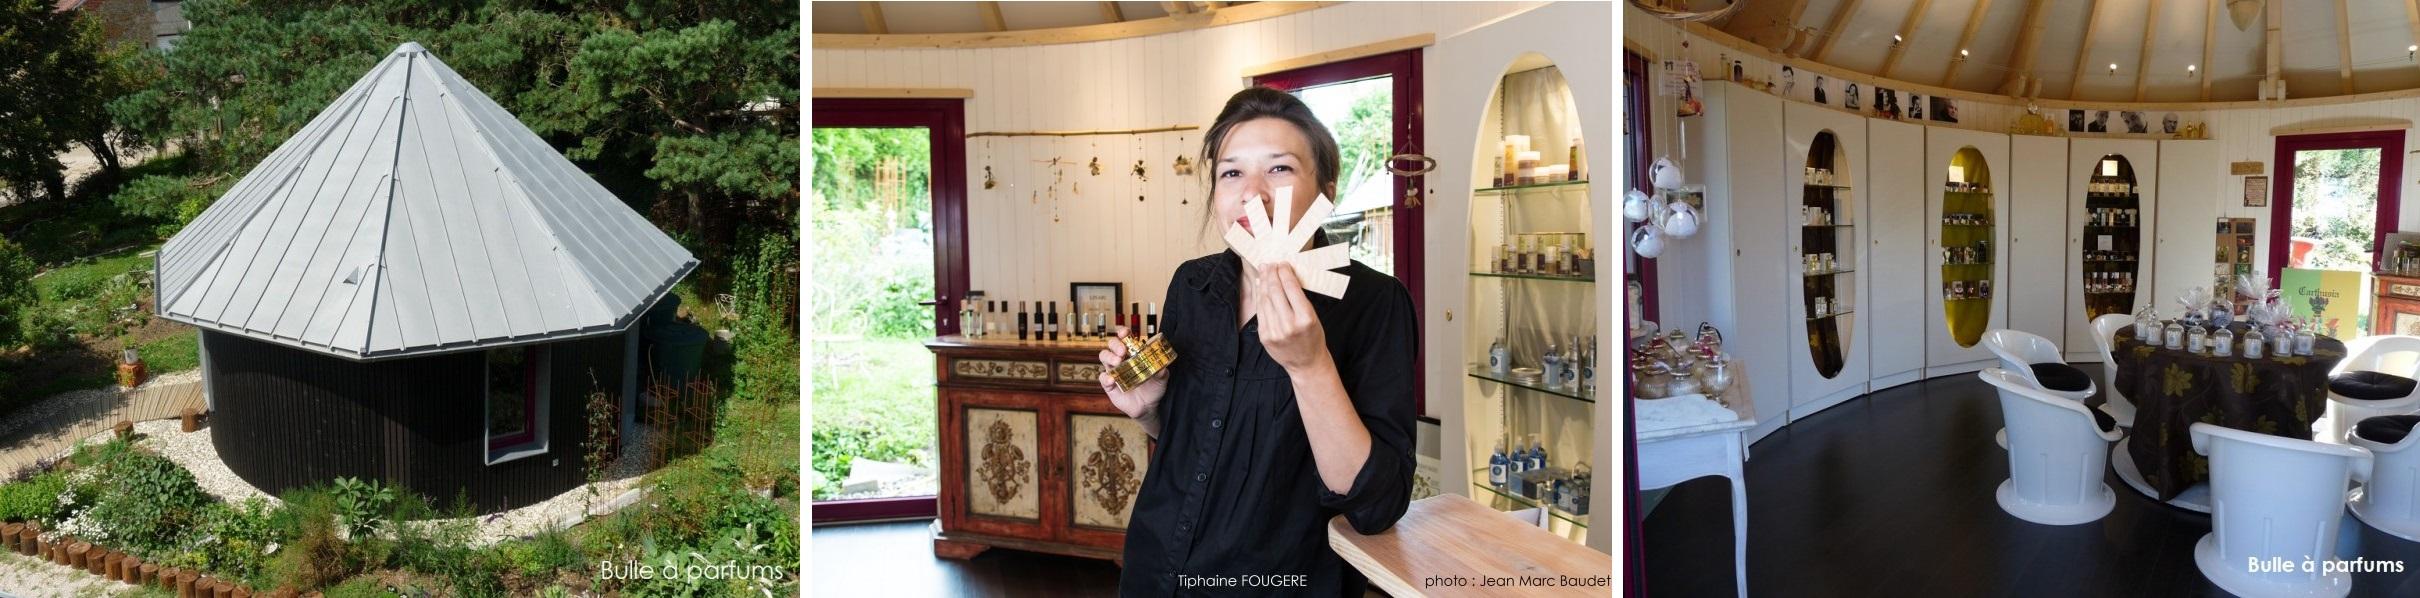 bulle à parfums_bandeau